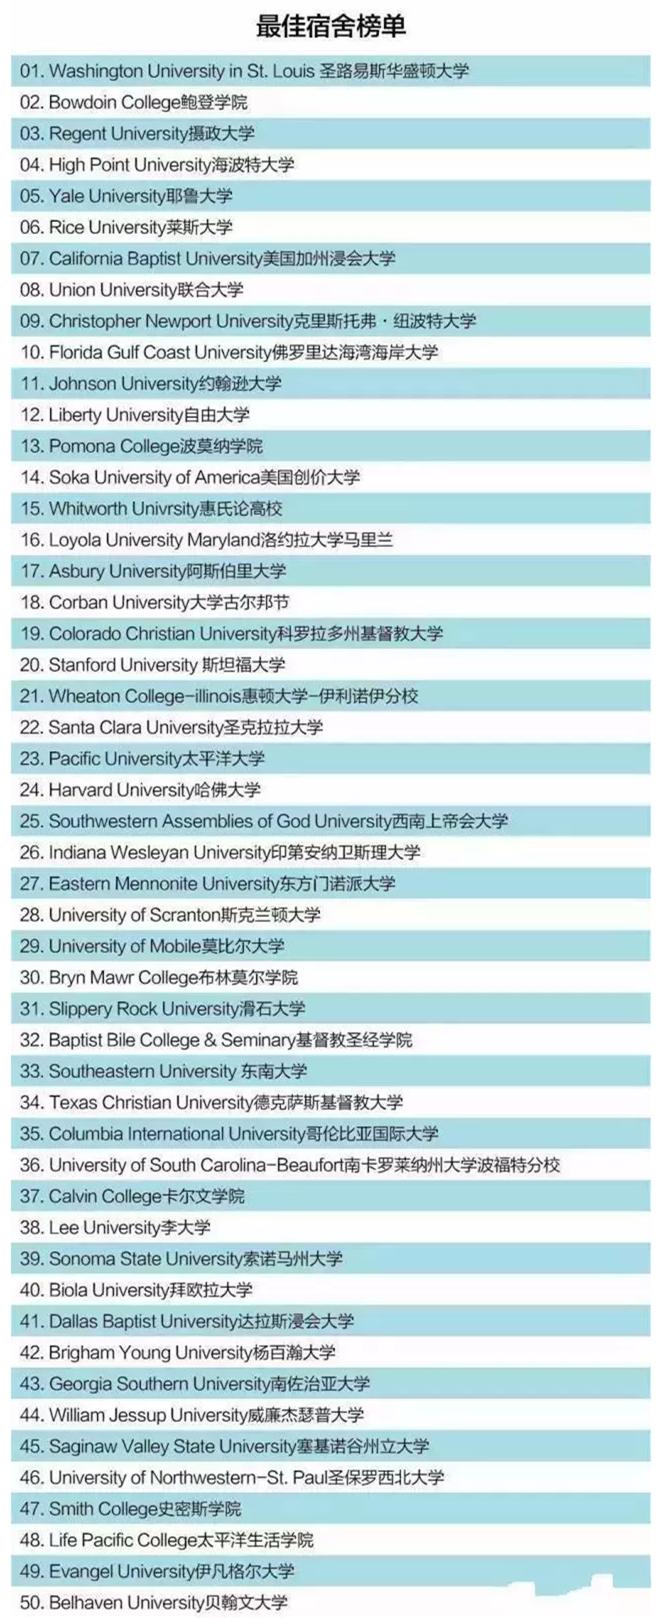 新的Niche版2016美国大学排行榜